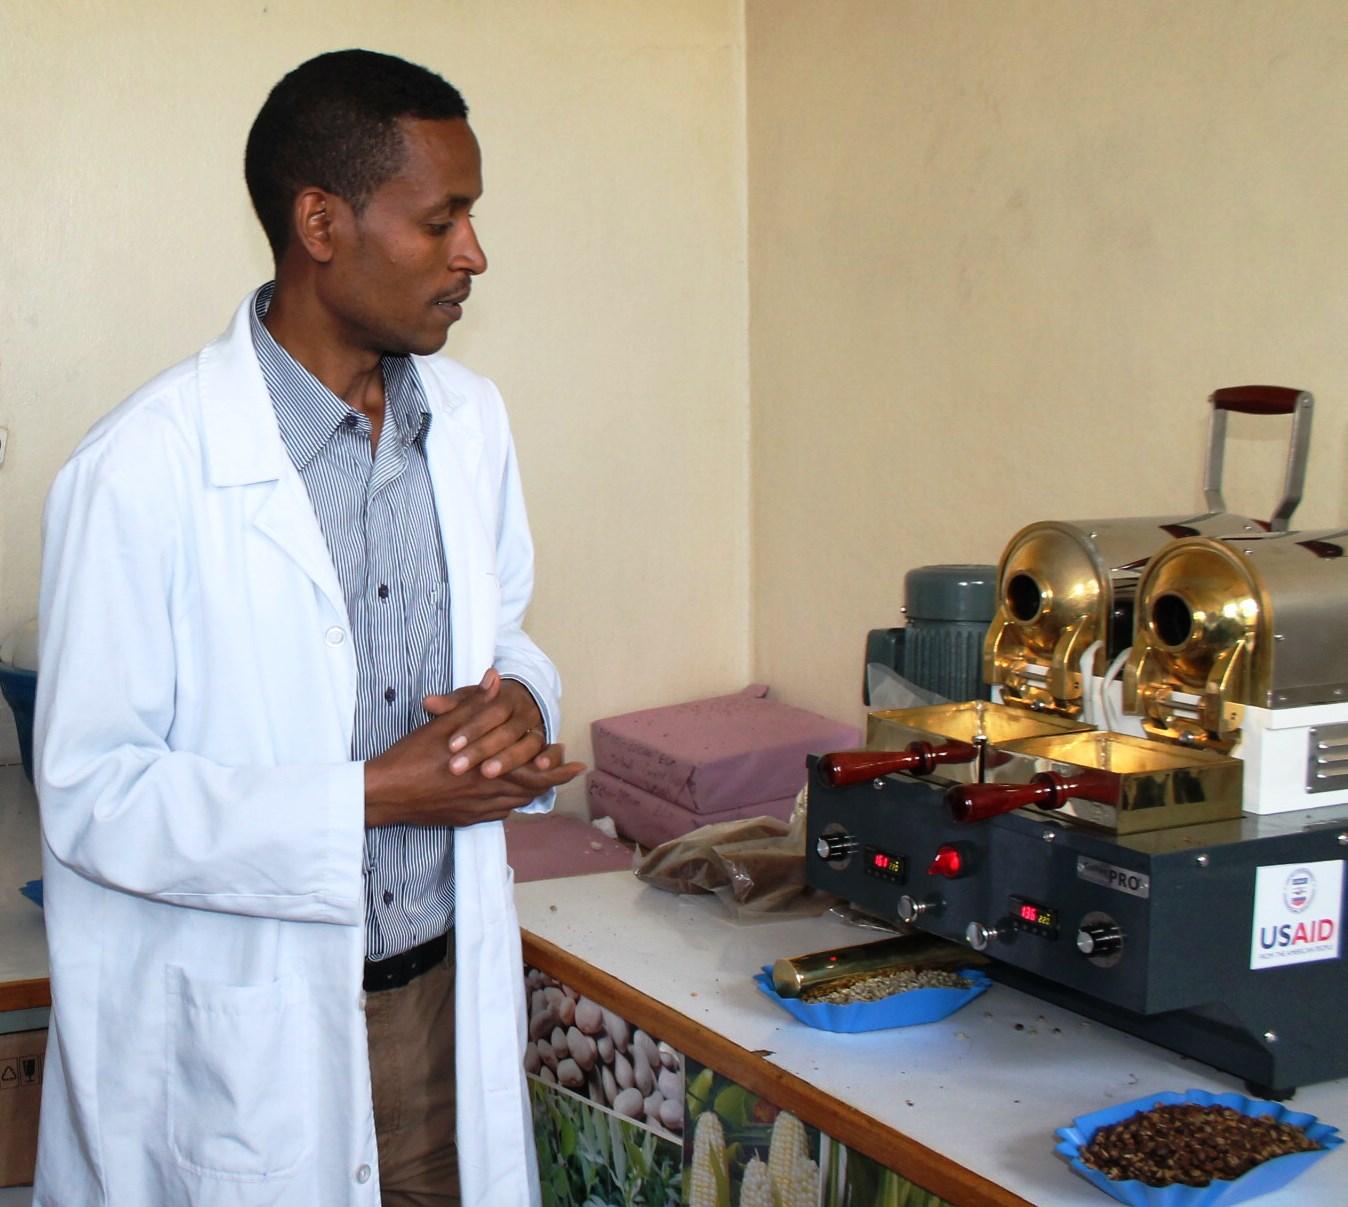 Homme en blouse blanche, debout devant deux machines à café (USAID)